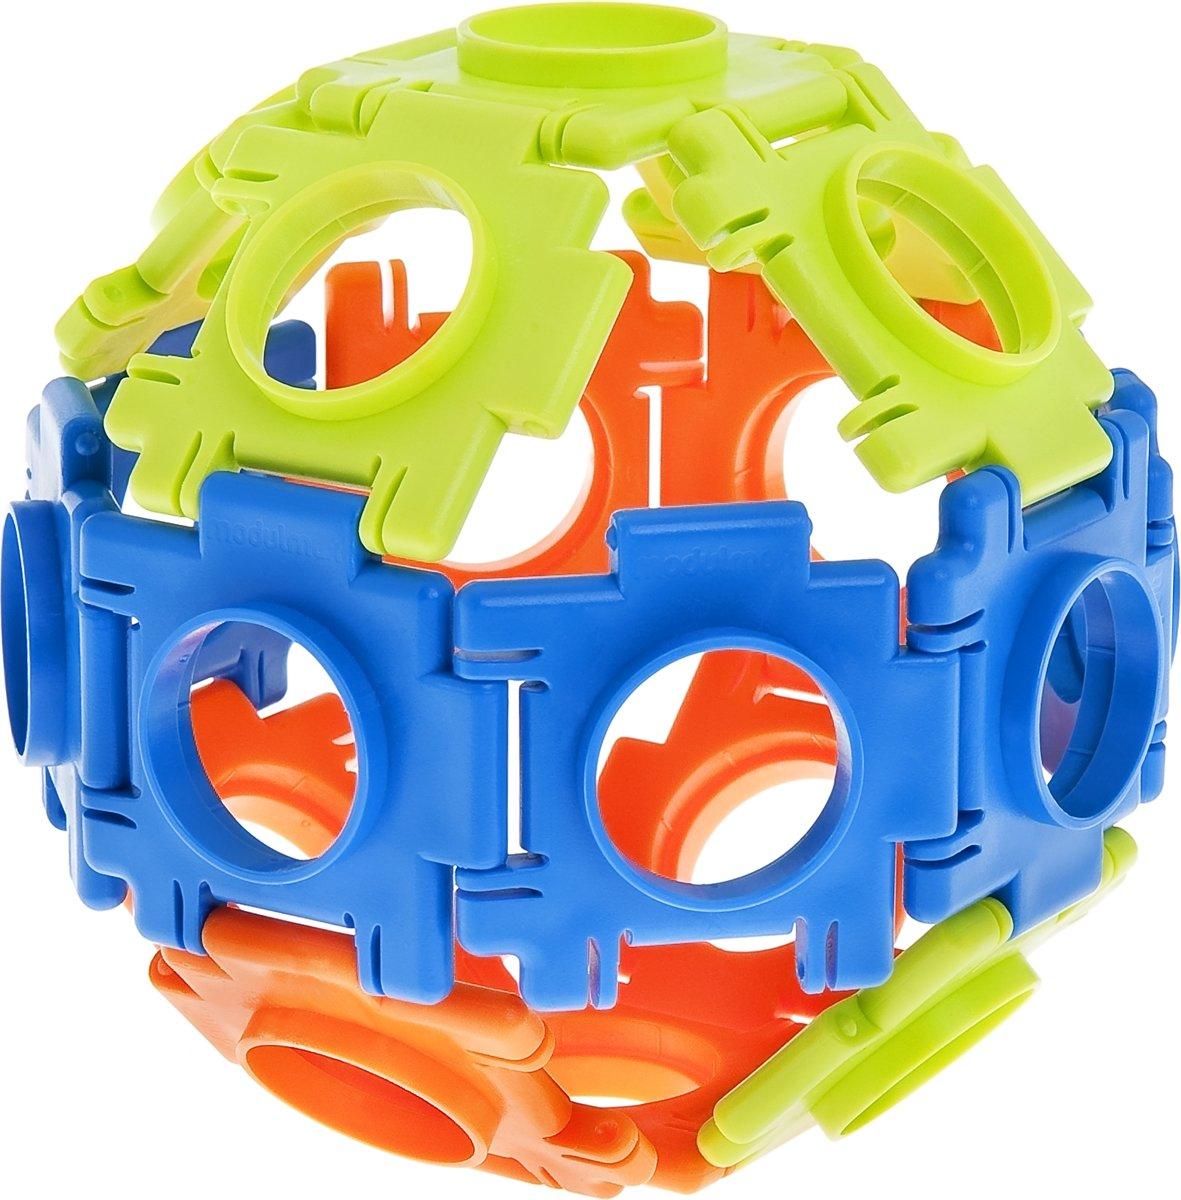 Modulmax - Constructiespeelgoed - 18 stukjes